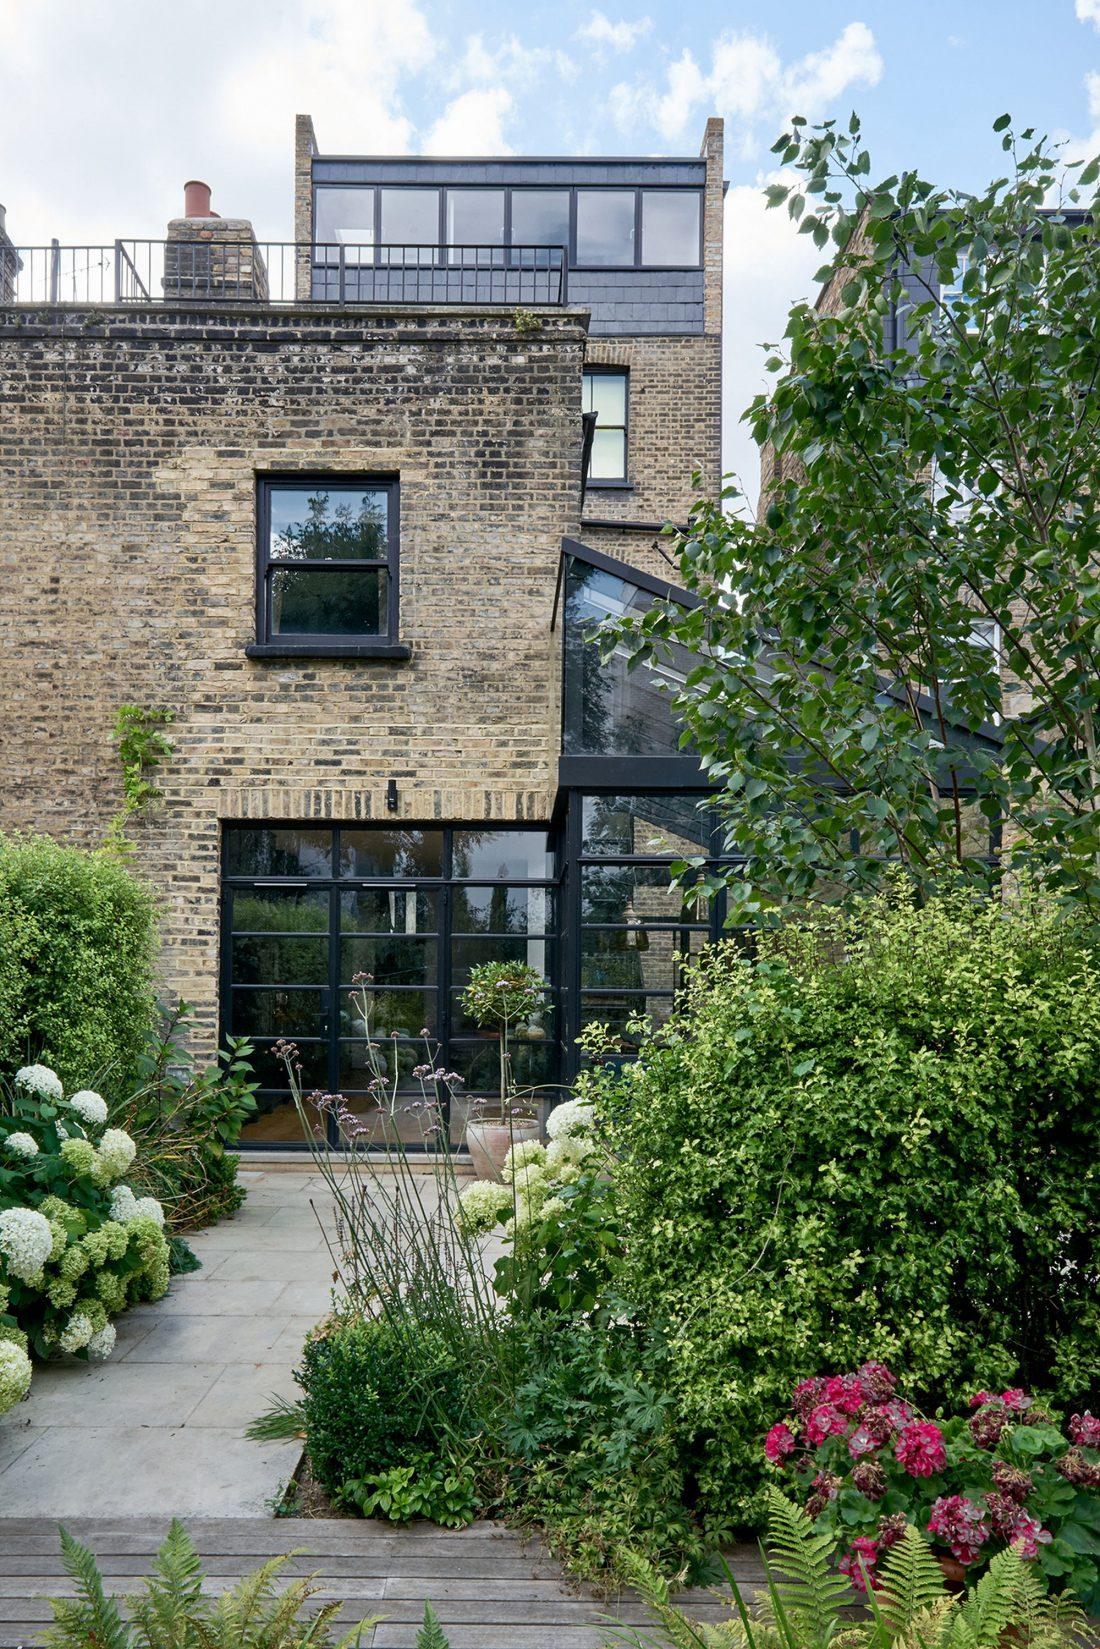 rekonstruktsiya-doma-v-londone-po-proektu-blee-halligan-4